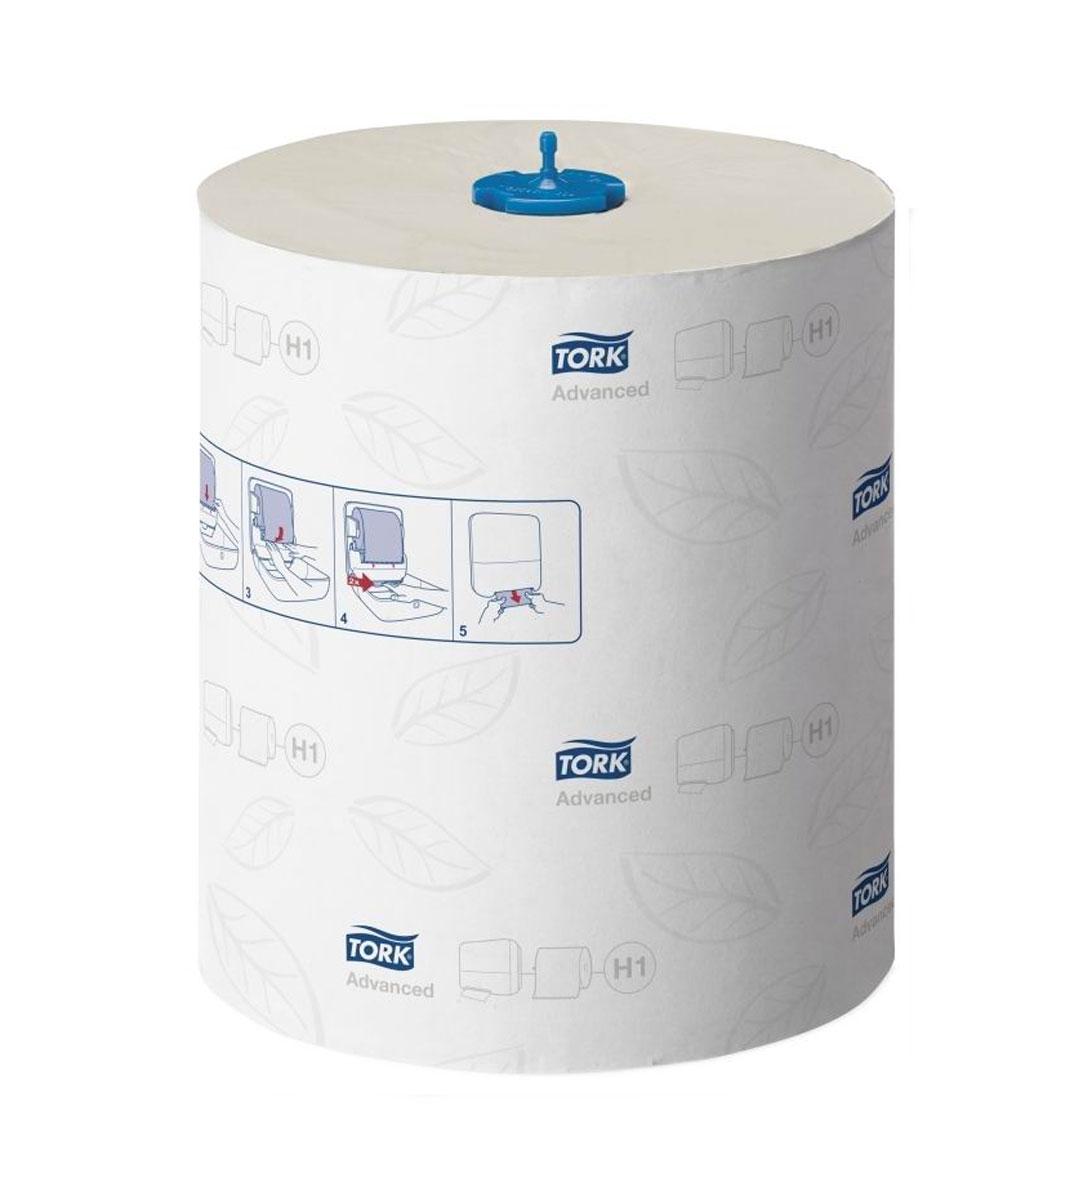 Tork Matic полотенца в рулонах 2-сл 150м, коробка 6 шт787502Целлюлоза